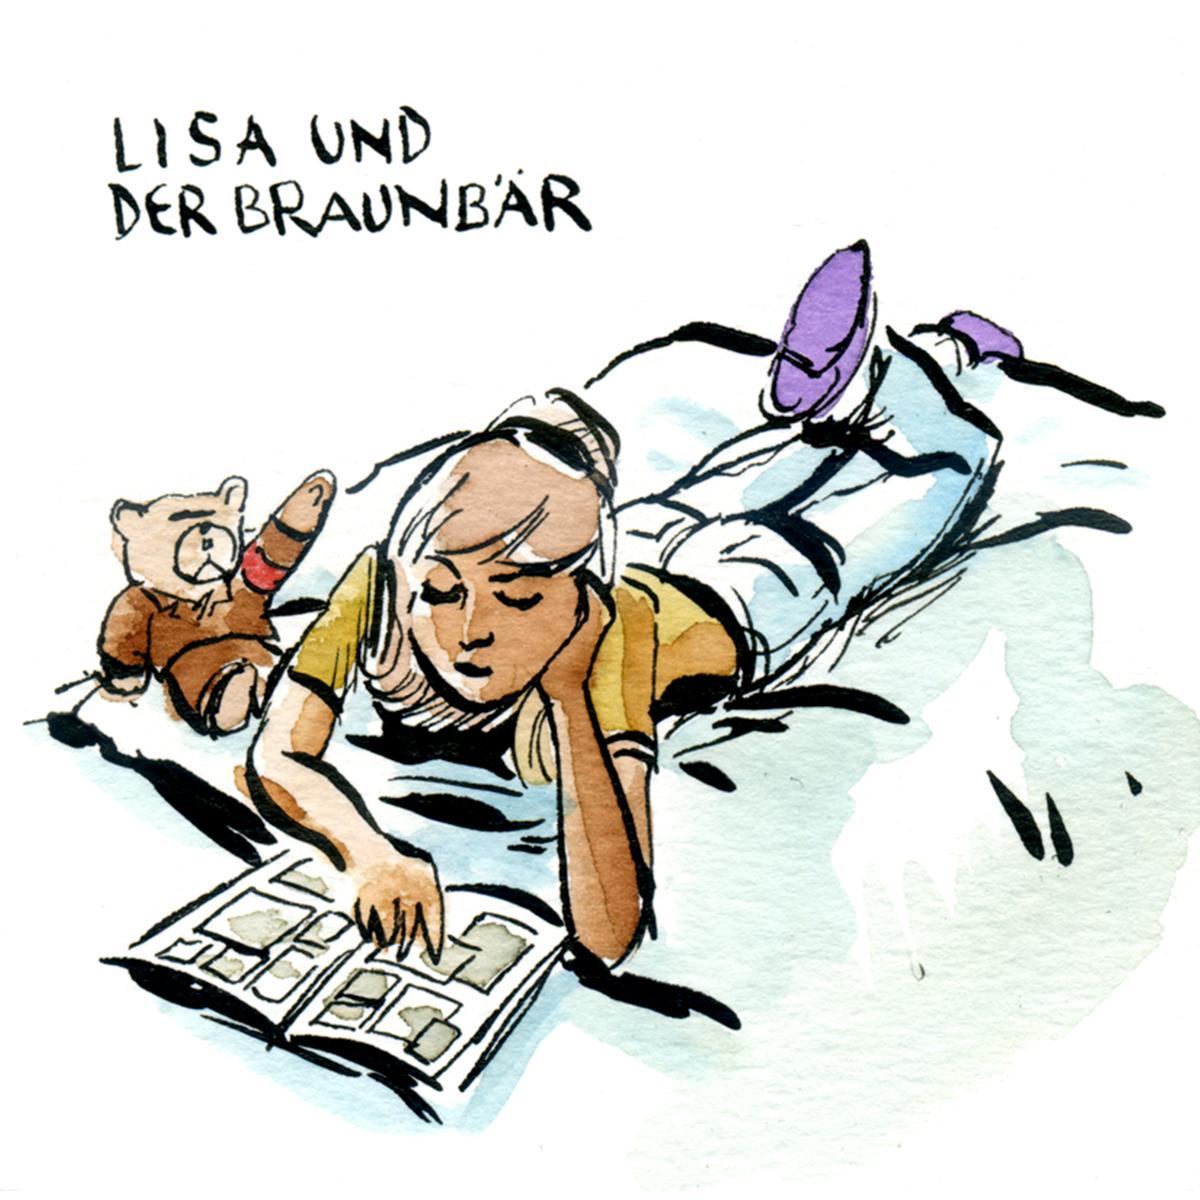 Lisa und der Braunbär